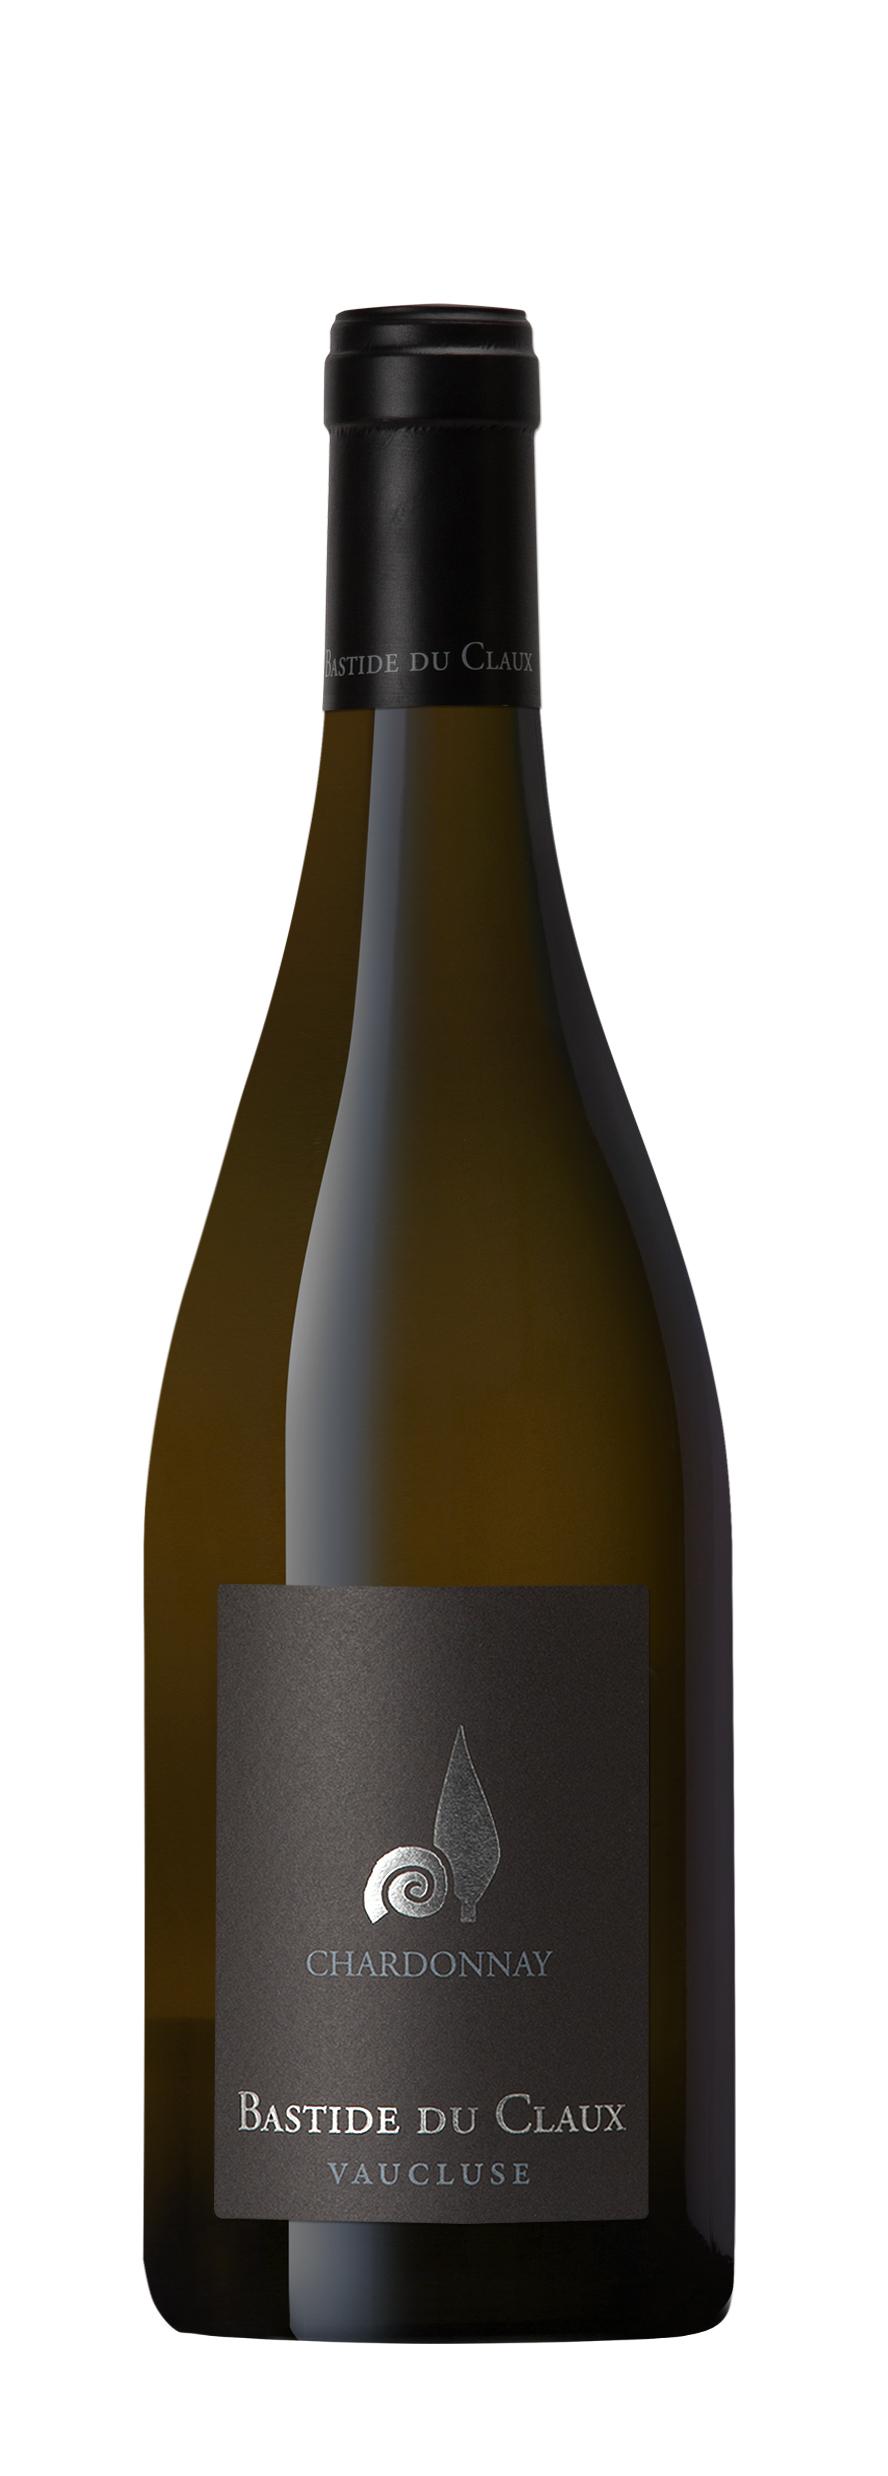 Chardonnay - 2018 - Bastide du Claux